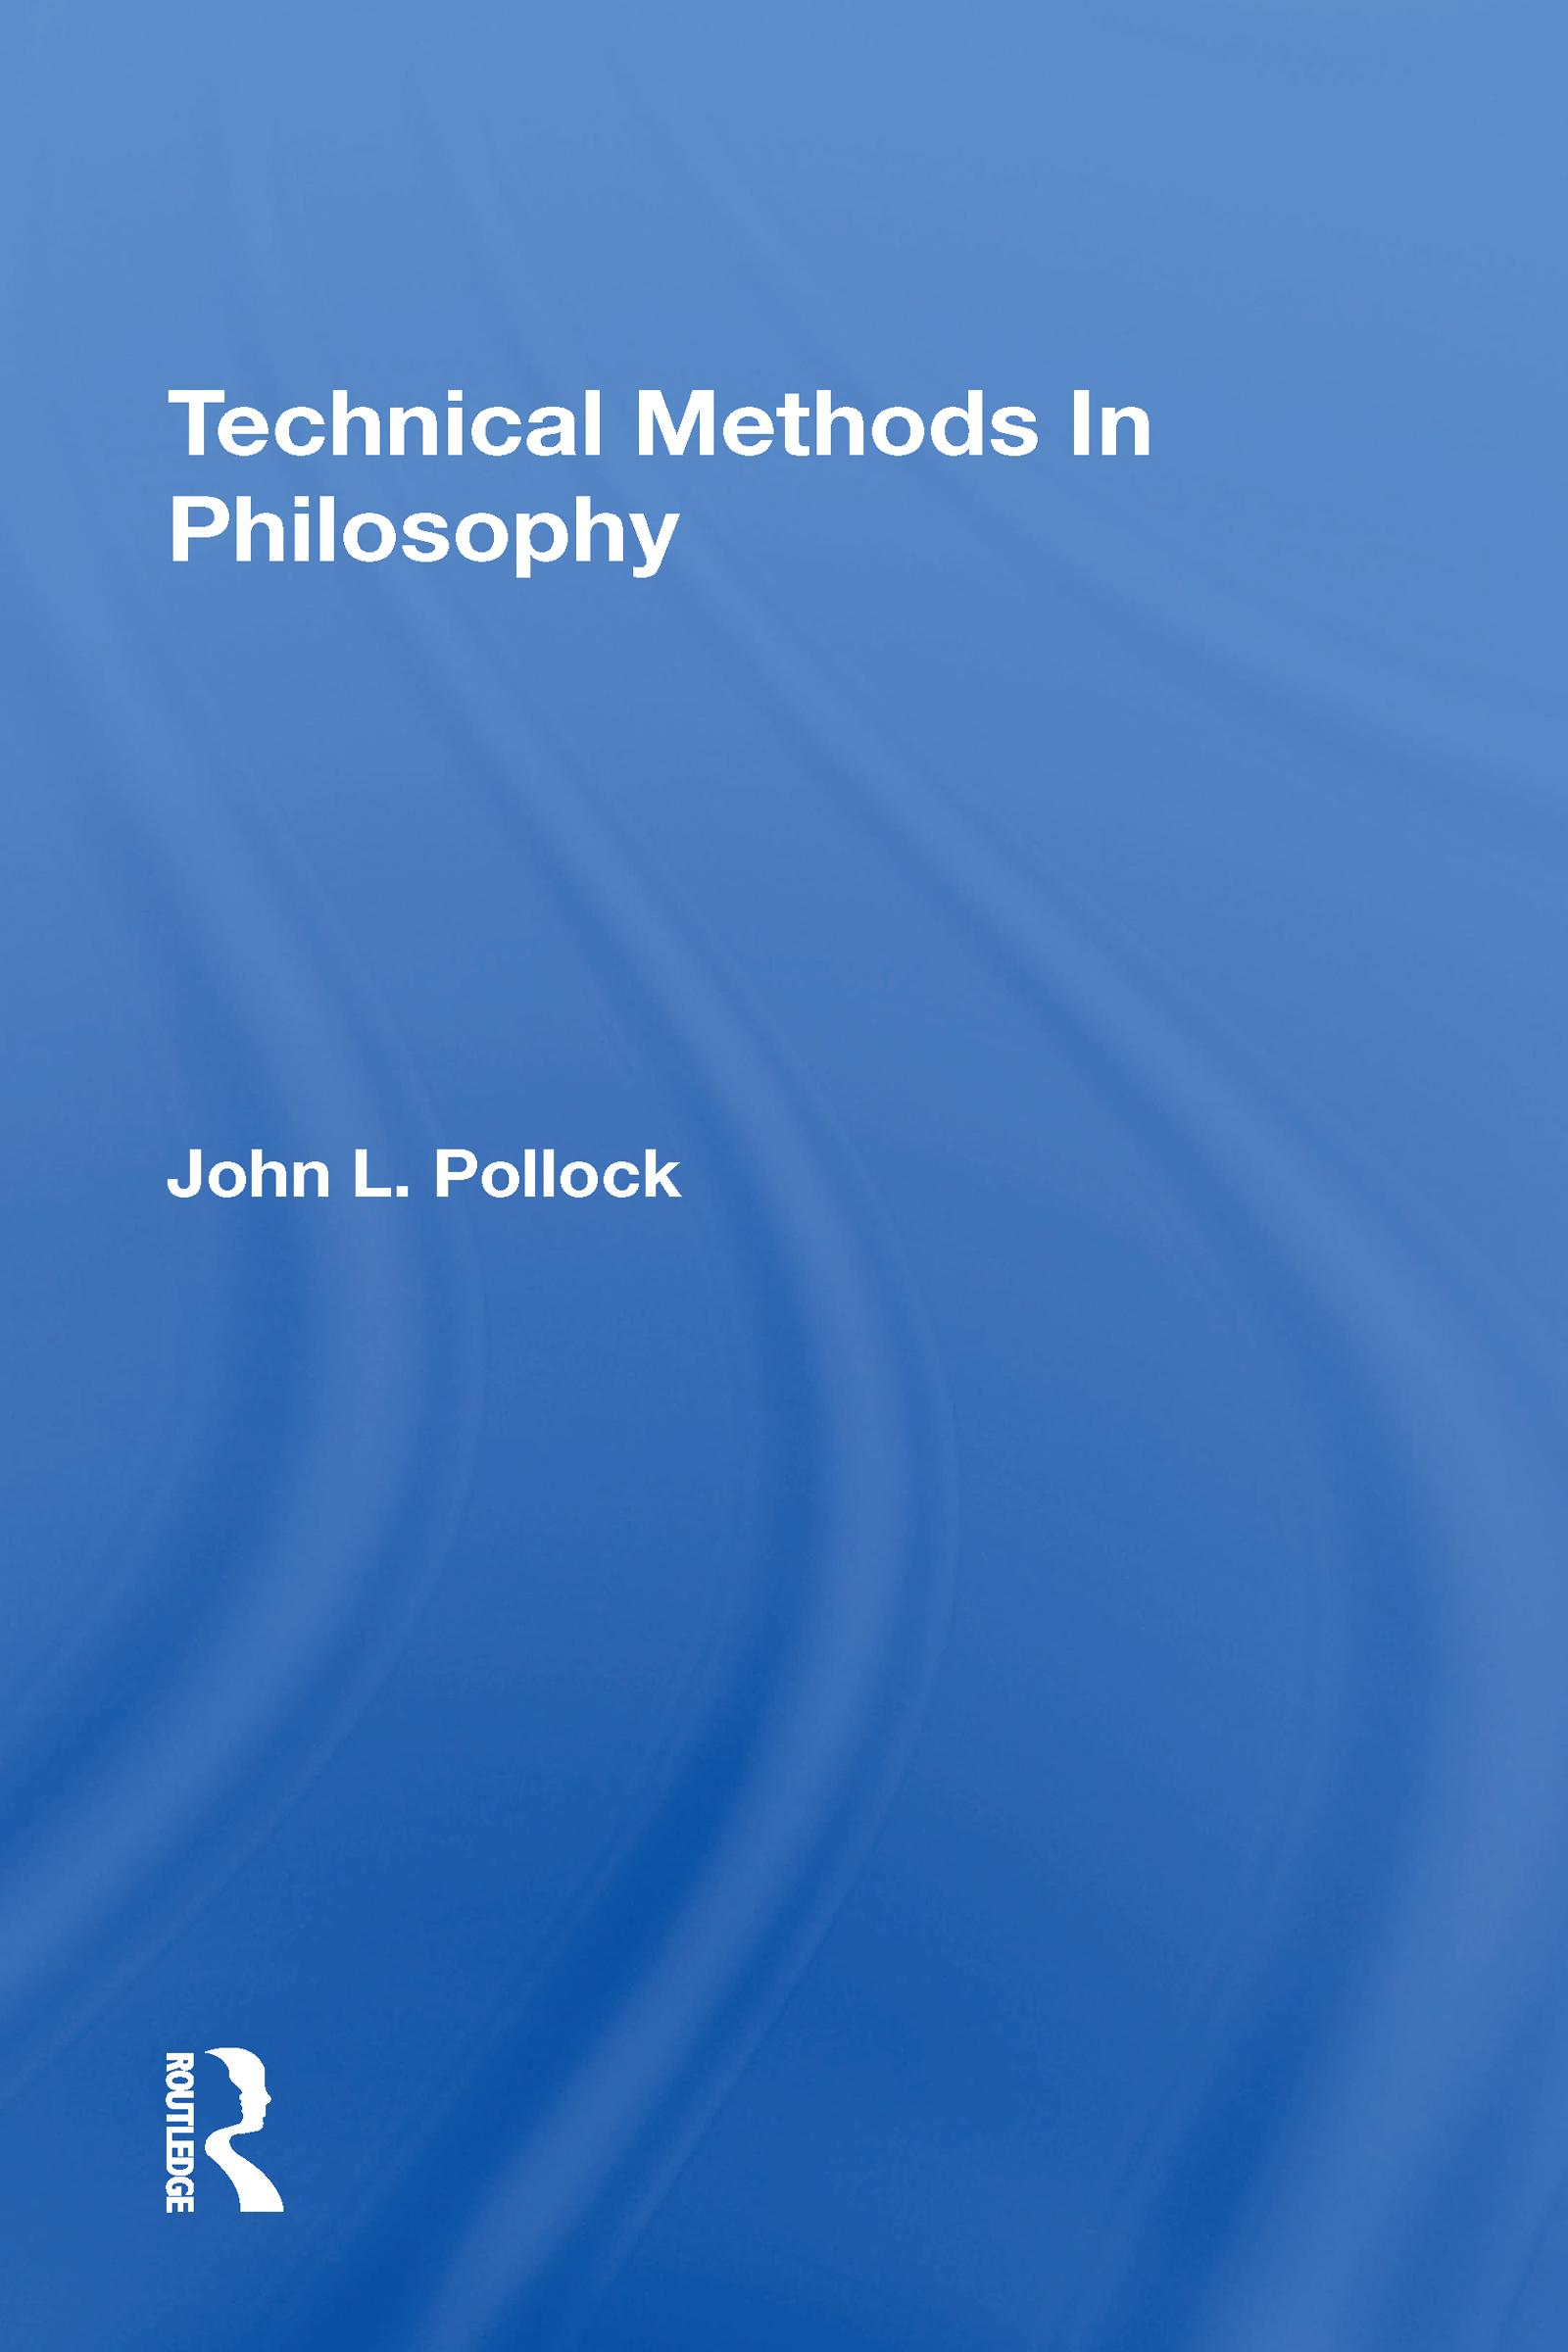 Technical Methods In Philosophy